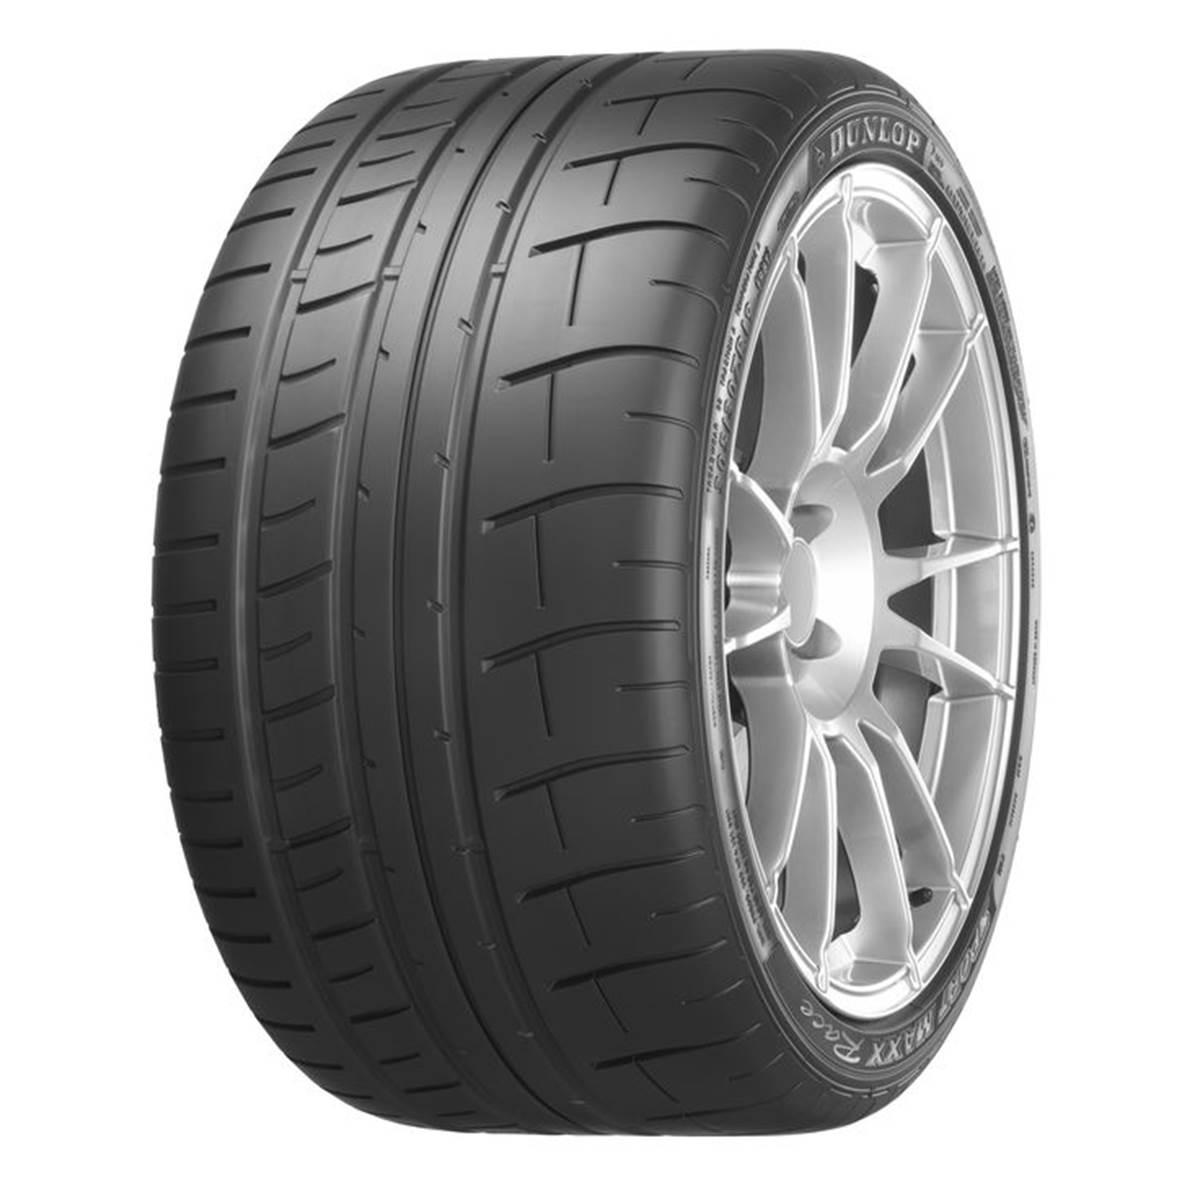 Pneu DUNLOP 325/30R21 108Y Sport Maxx Race N0 XL